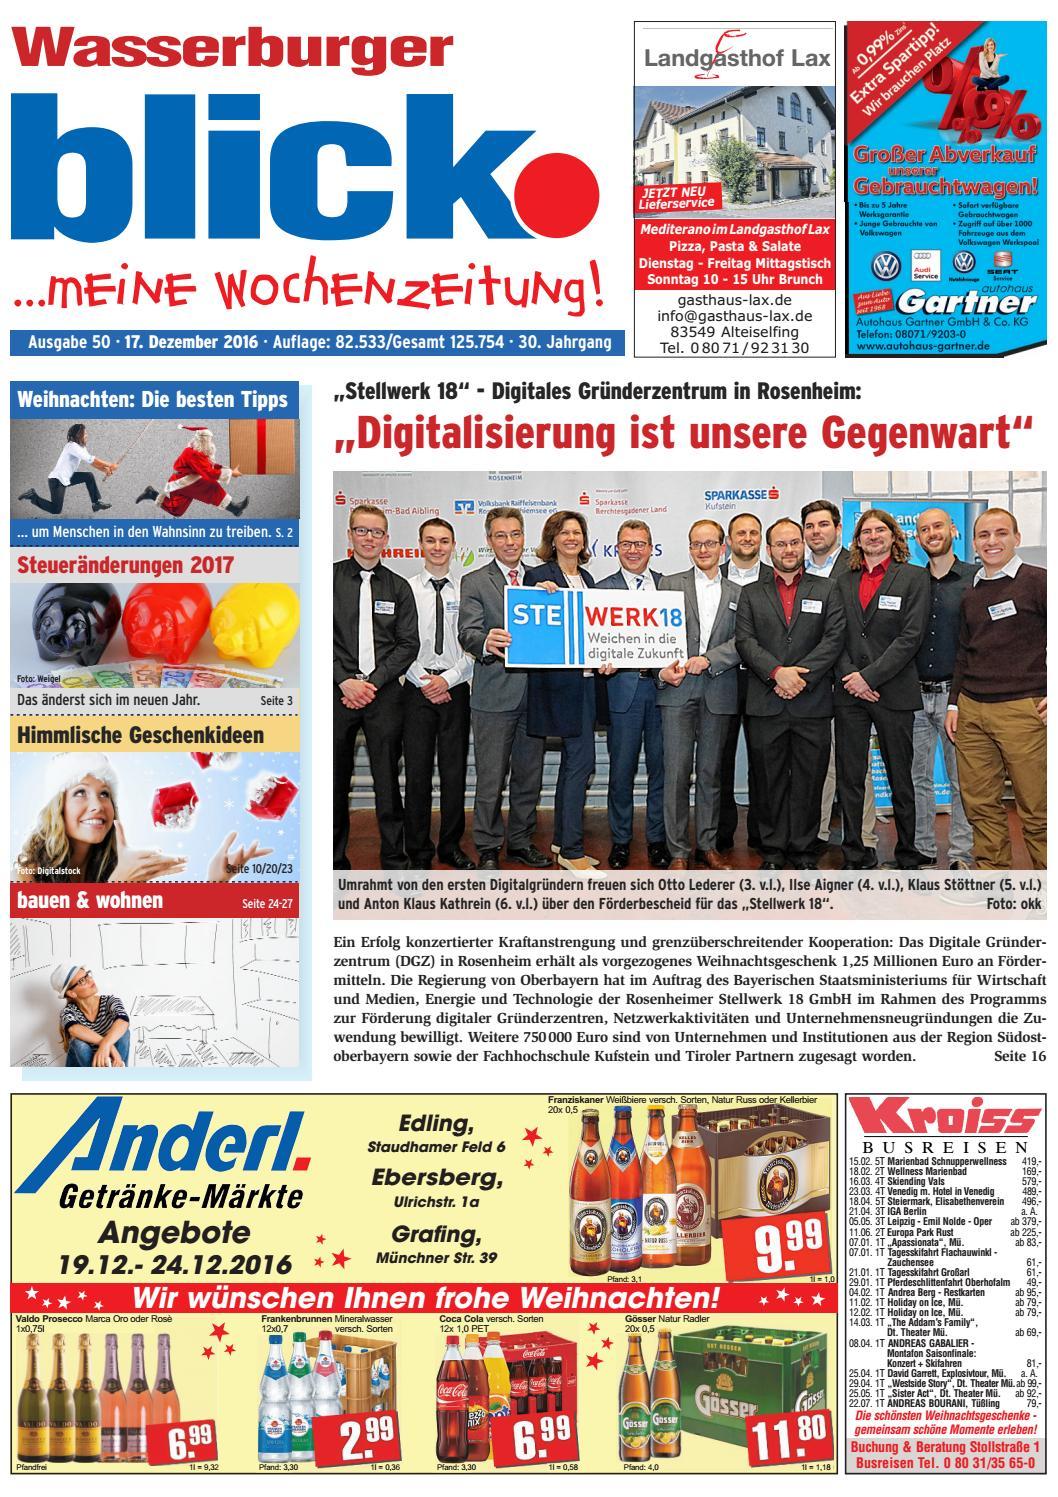 Wasserburger blick - Ausgabe 50 | 2016 by Blickpunkt Verlag - issuu